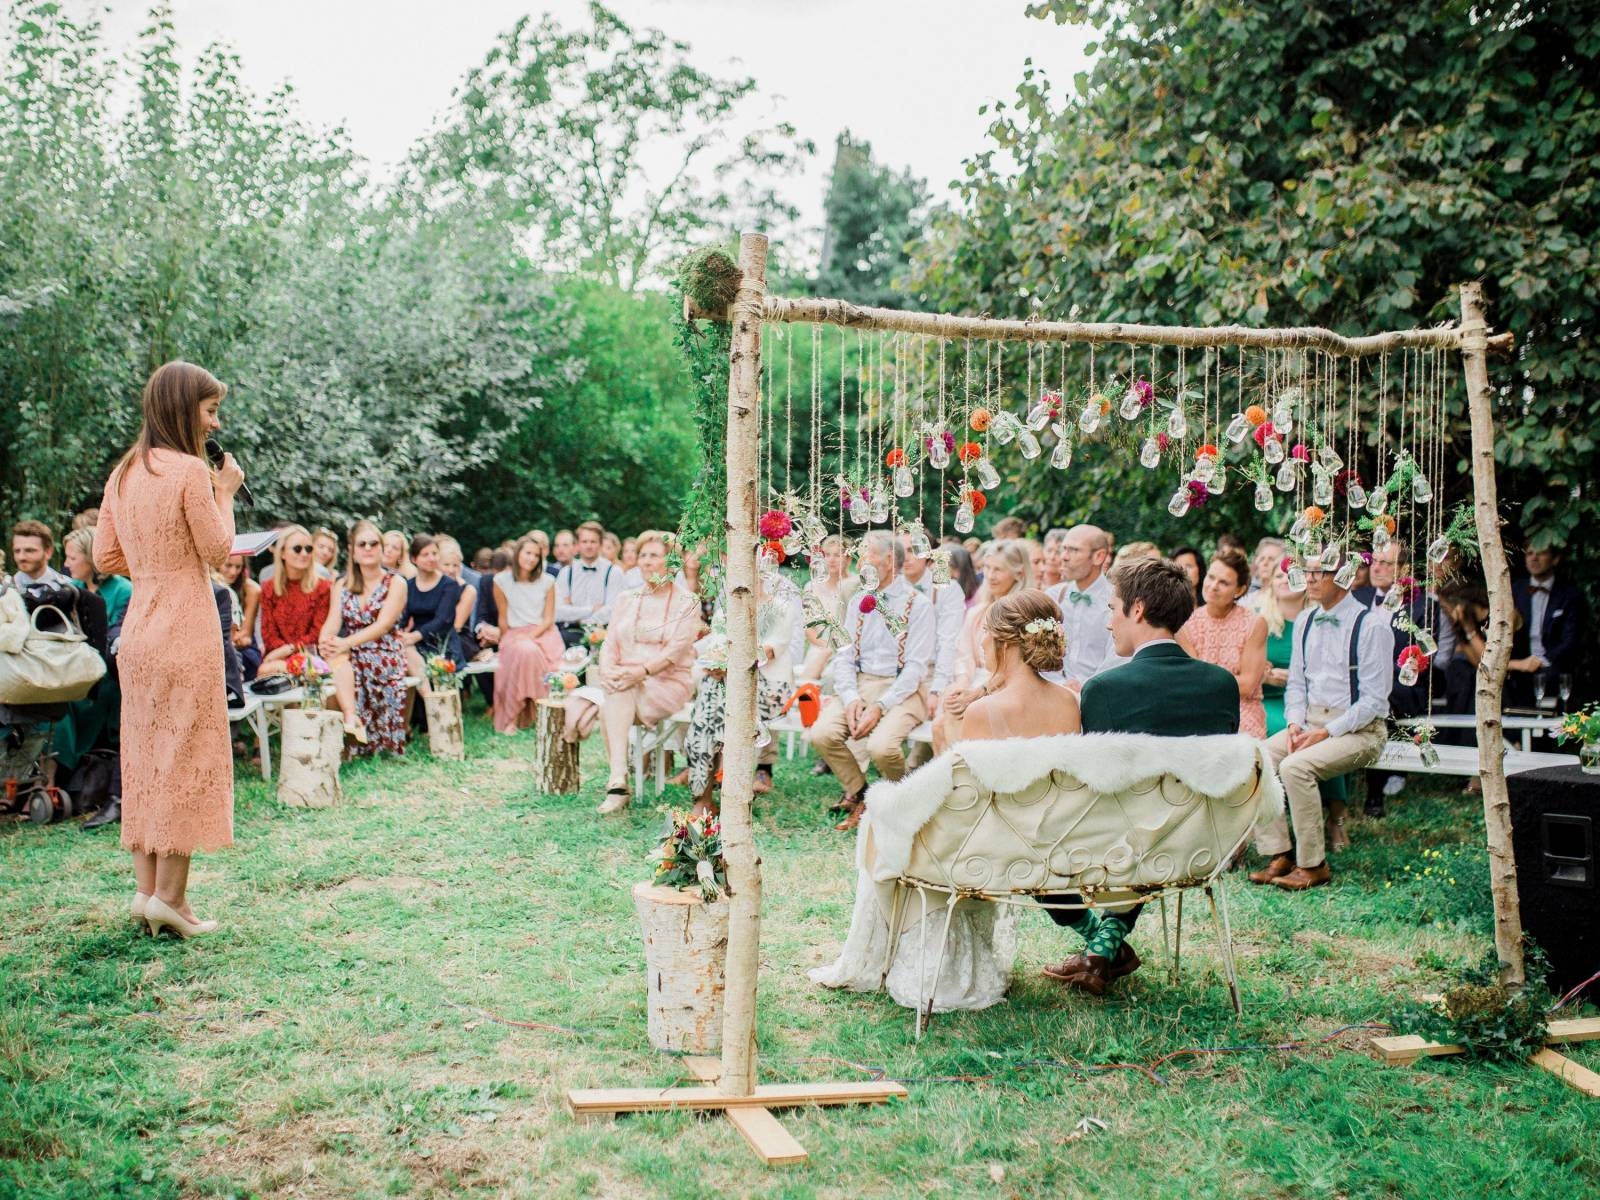 Merveil - Ceremoniespreker - Fine Art Wedding Photographer Elisabeth Van Lent - Antwerpen Bruiloft - House of Weddings - 8